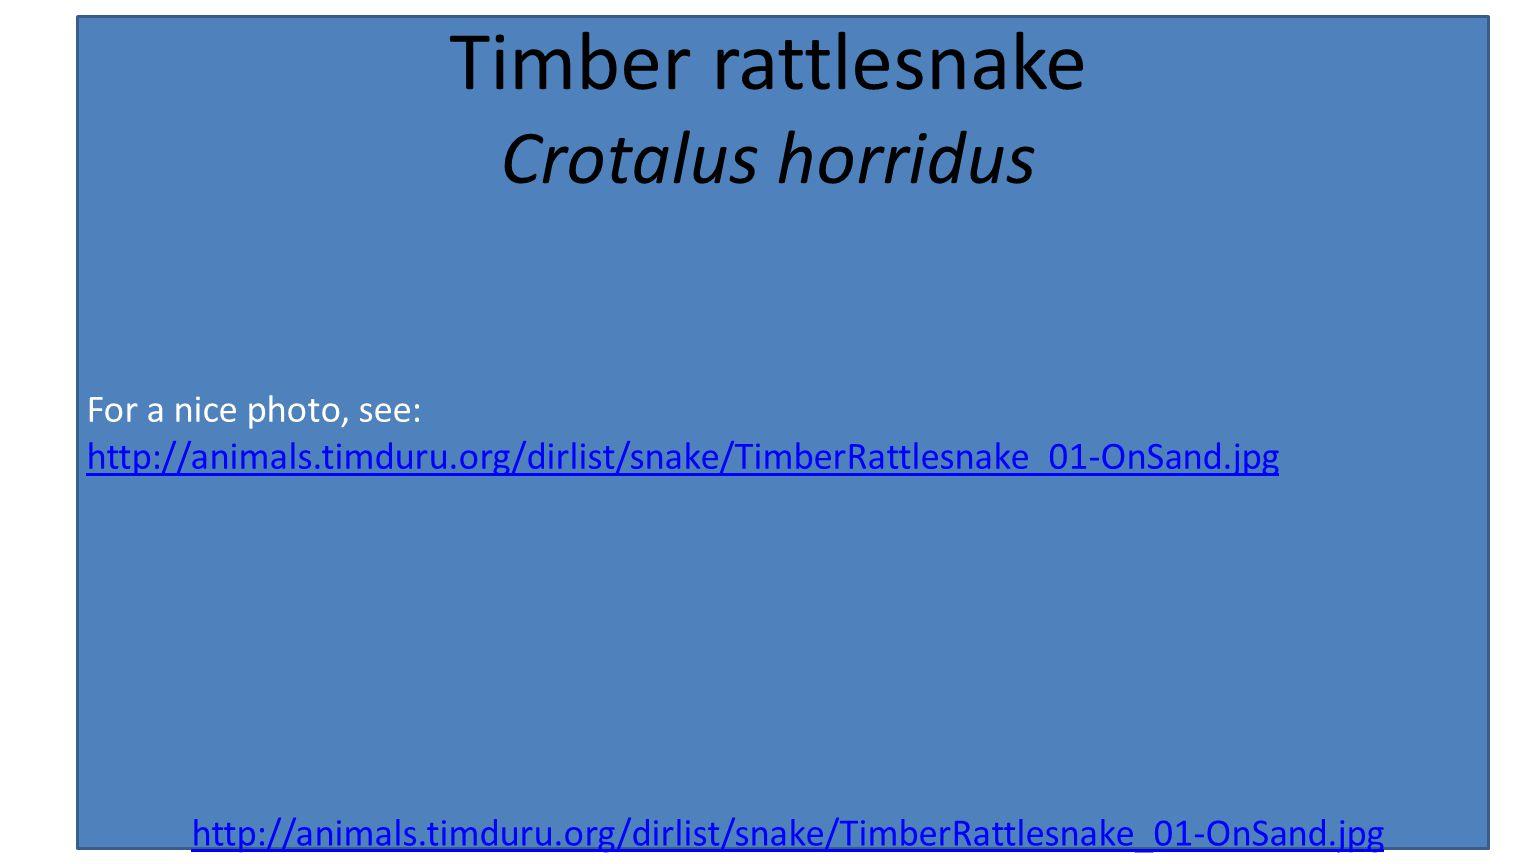 For a nice photo, see: http://animals.timduru.org/dirlist/snake/TimberRattlesnake_01-OnSand.jpg Timber rattlesnake Crotalus horridus http://animals.ti